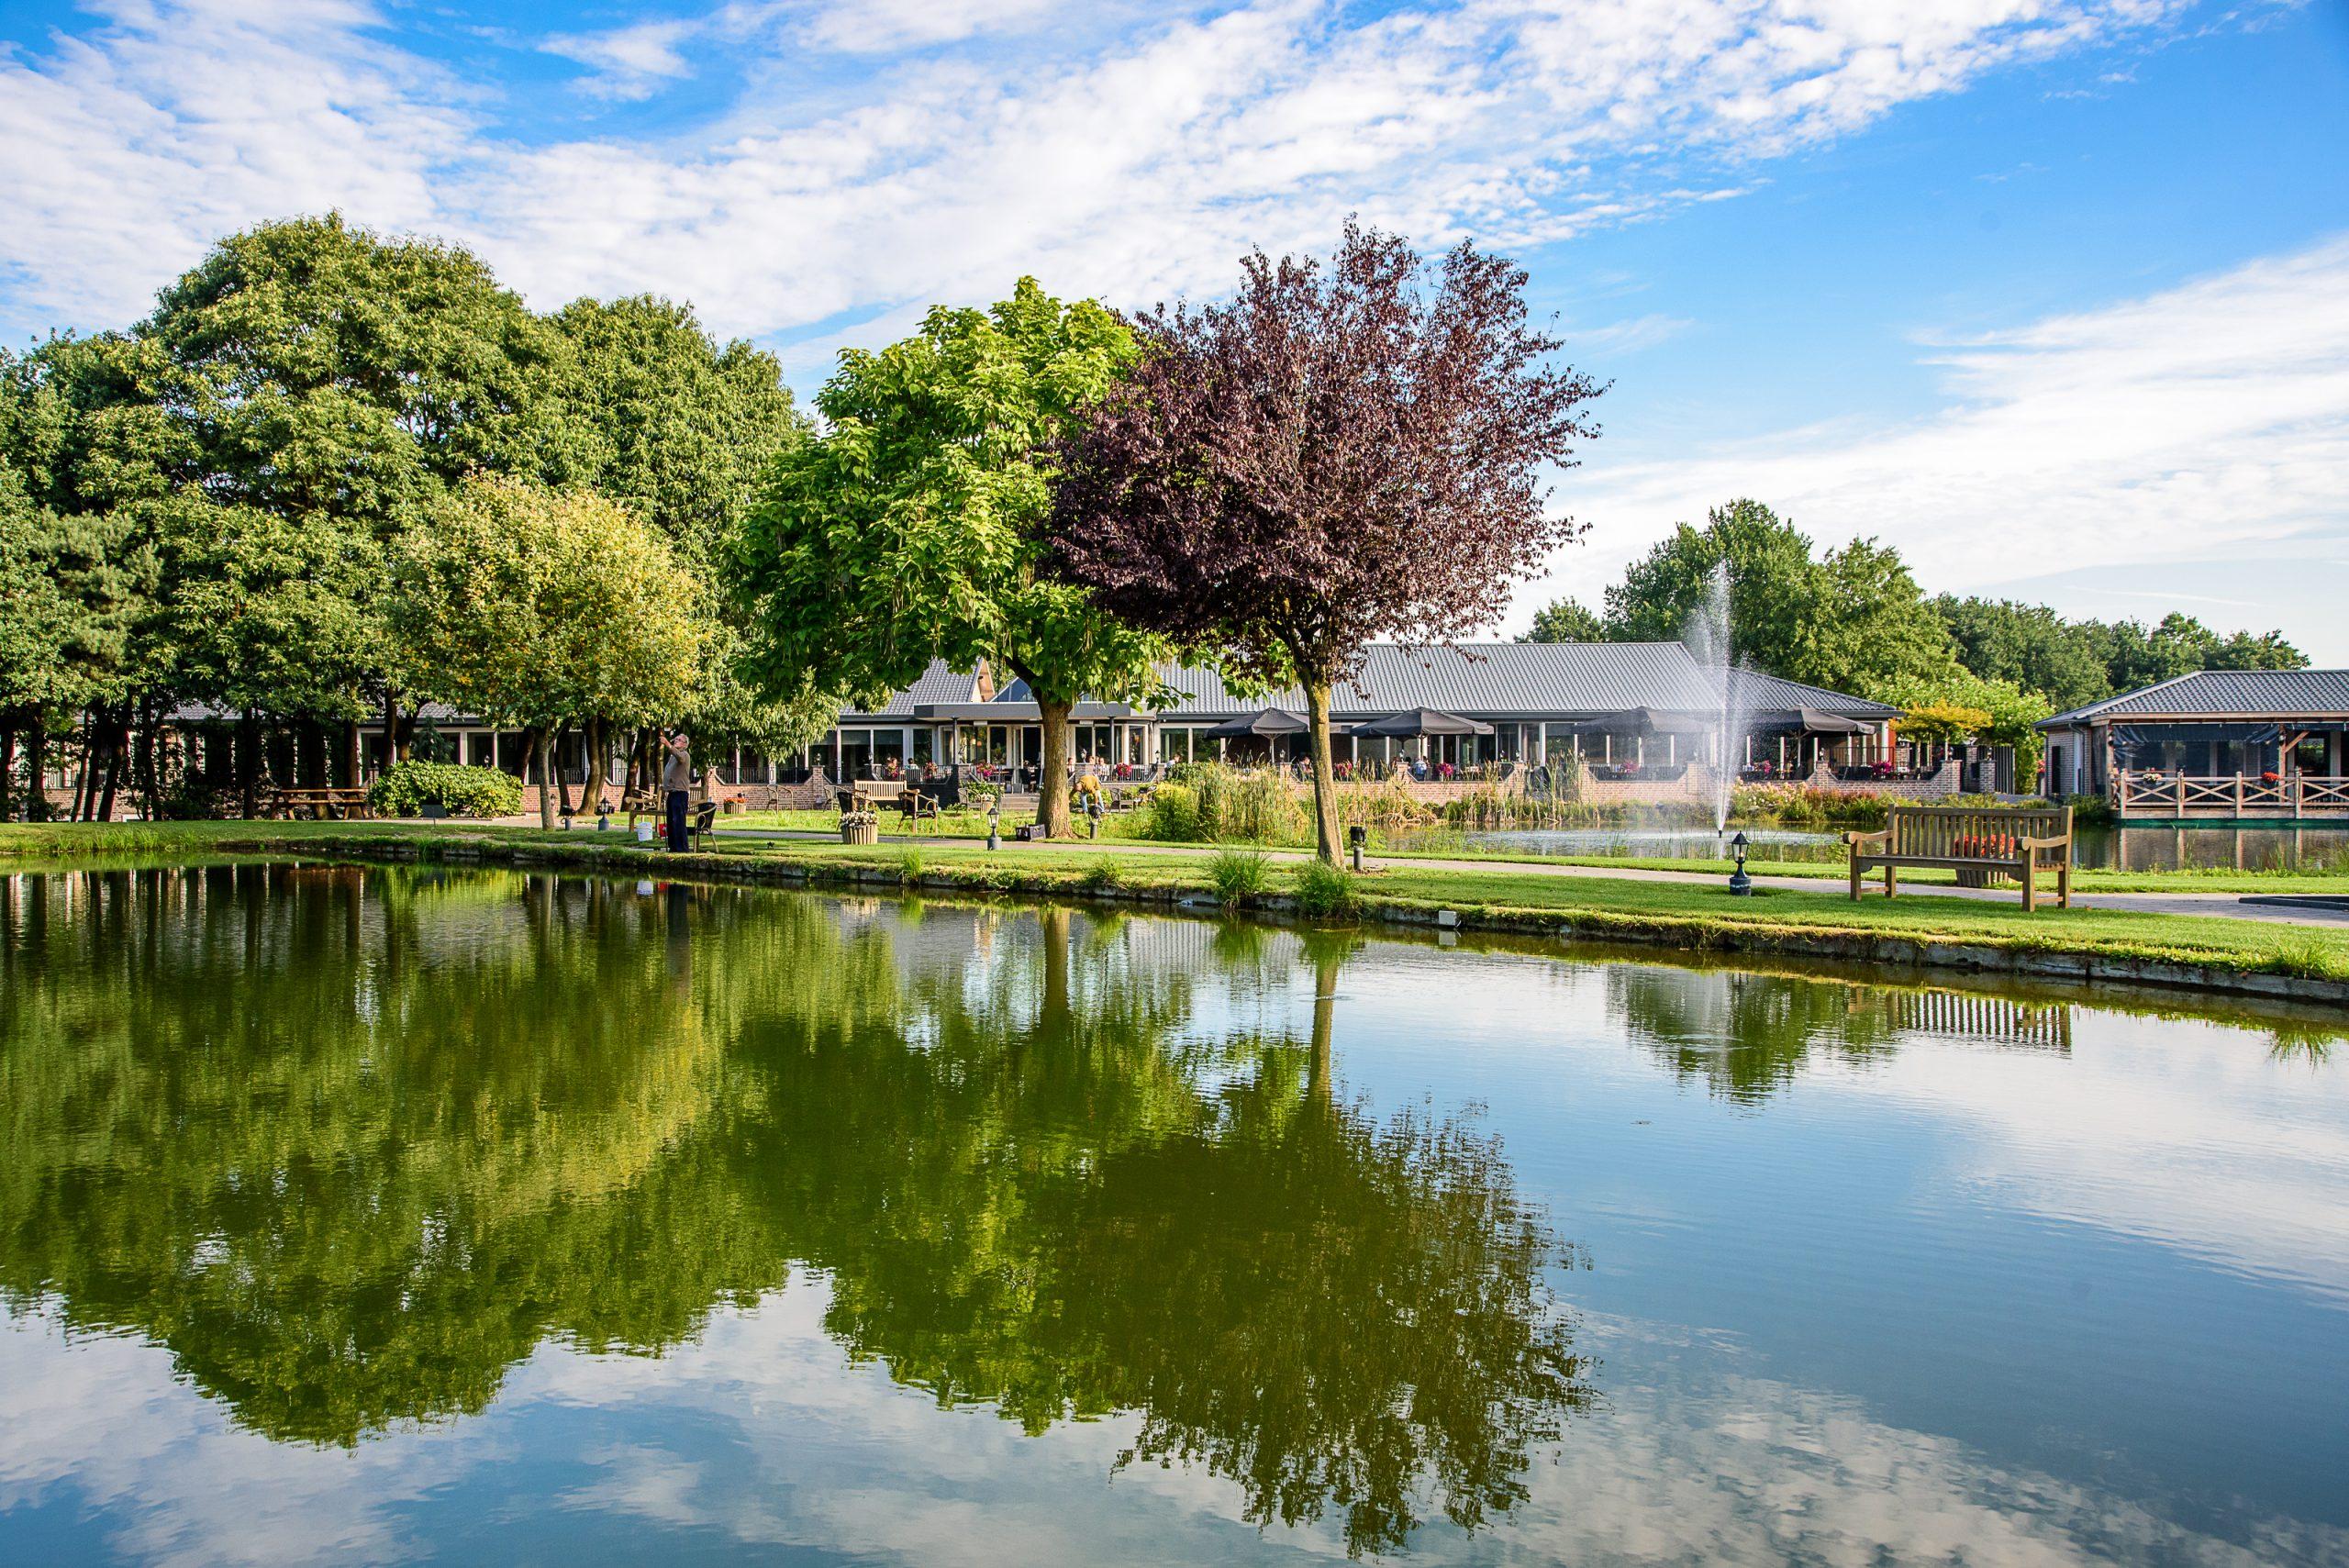 thuis op nummer 14 - Luxe in een groene omgeving bij Hotel Maashof.